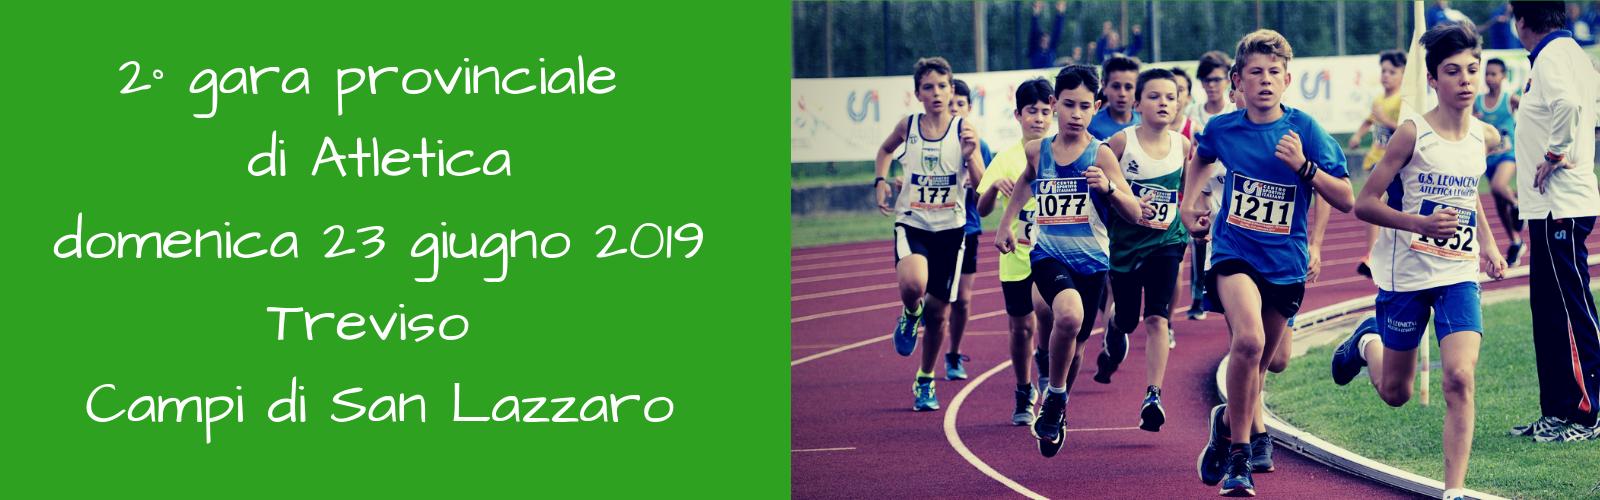 2° gara provinciale Atletica su pista – domenica 23 giugno 2019